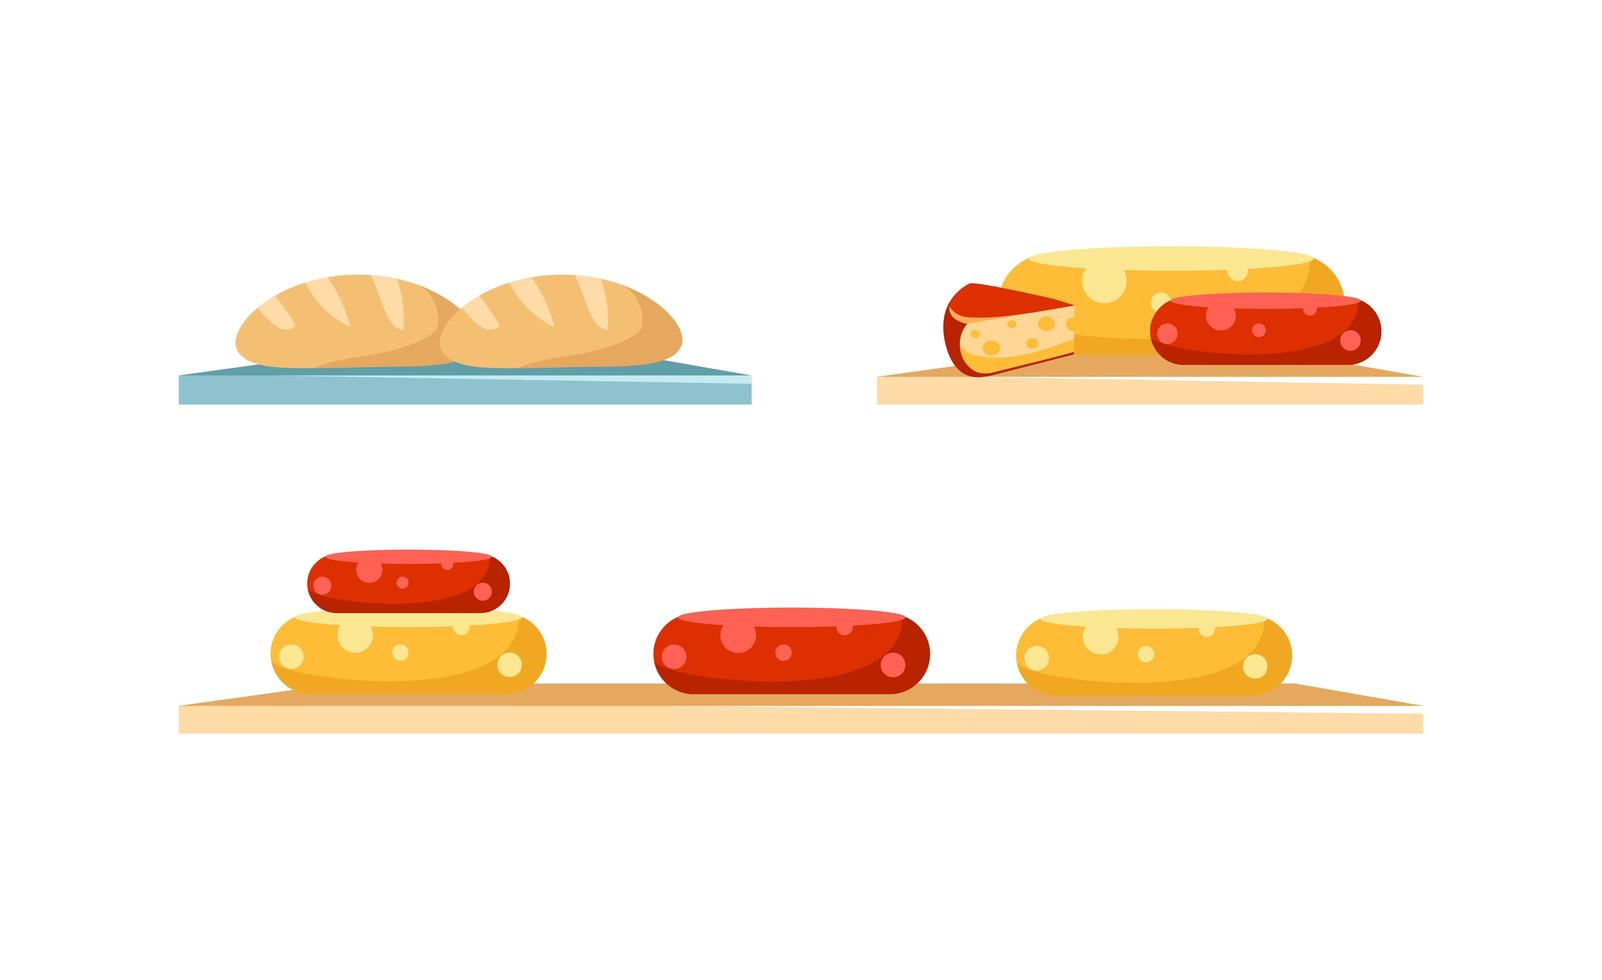 kaas en brood display-objecten instellen vector